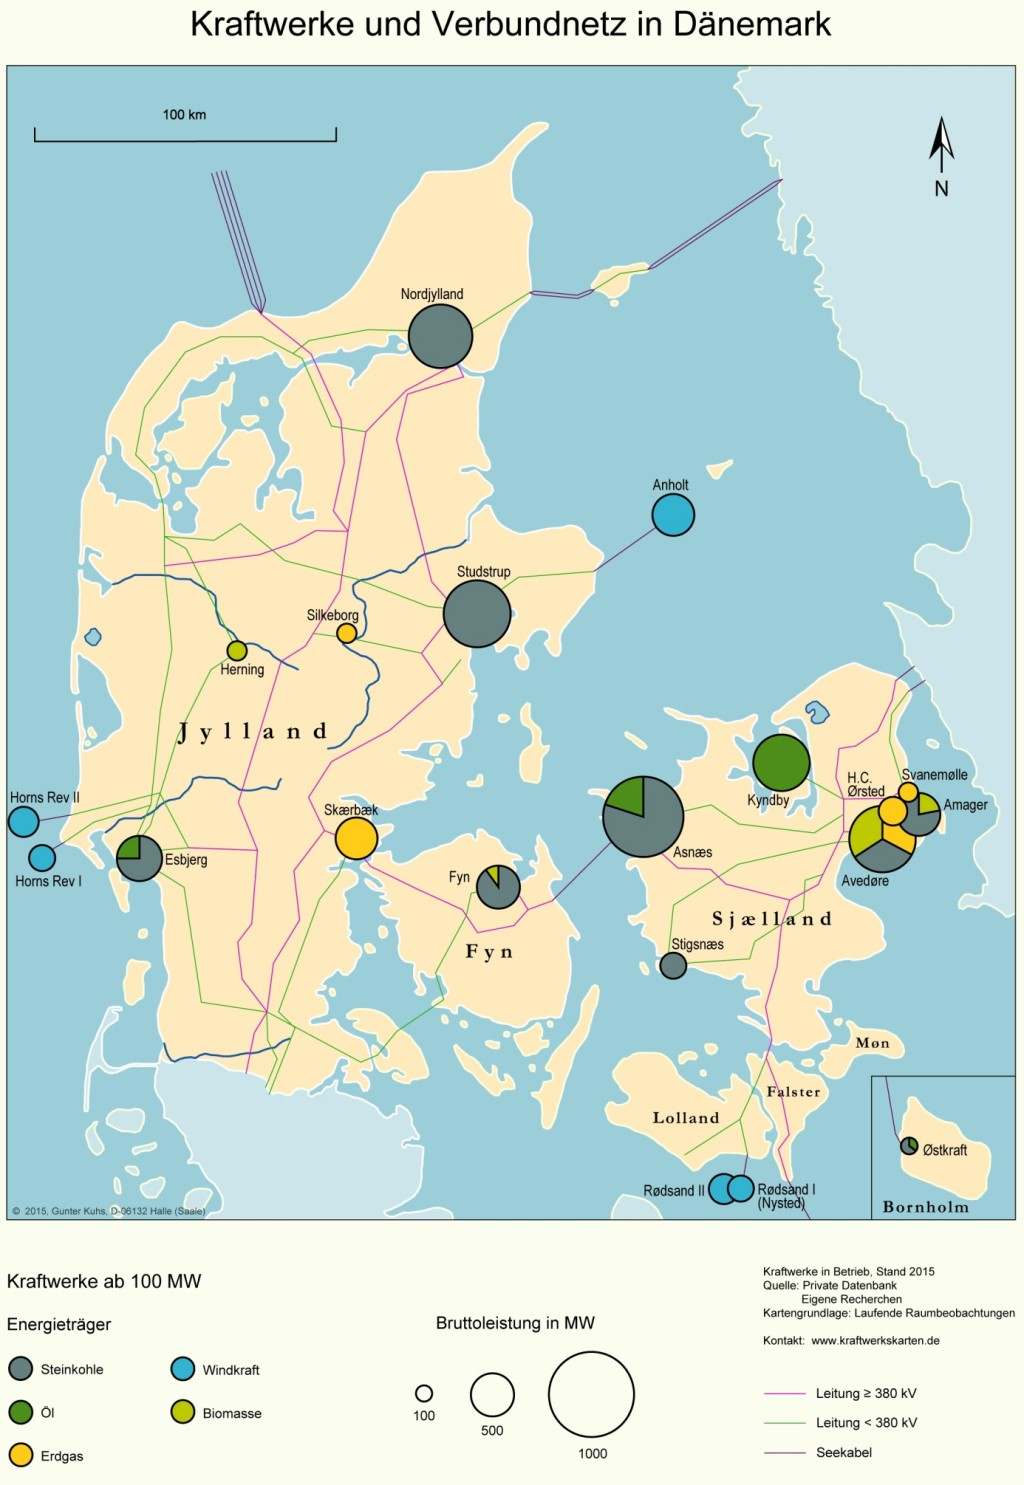 Bild 23 Kraftwerke und Verbundnetz in Dänemark. Bild: eigene Darstellung